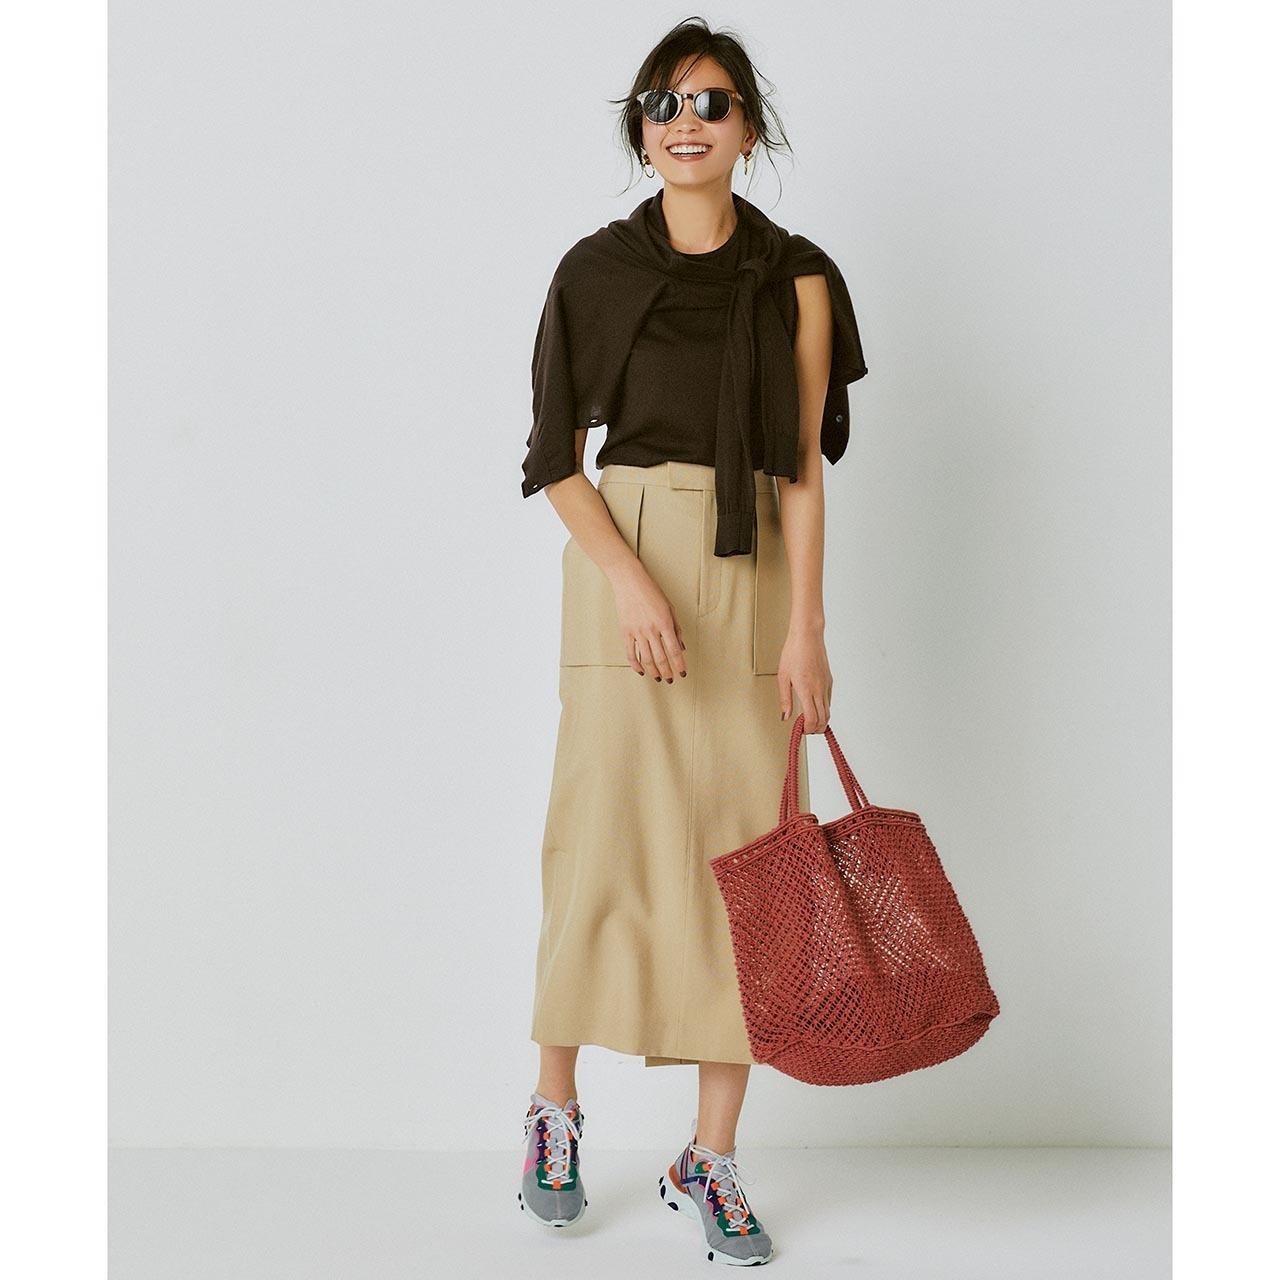 ブラウンのノースリーブ×ベージュのスカートコーデを着たモデルの矢野未希子さん